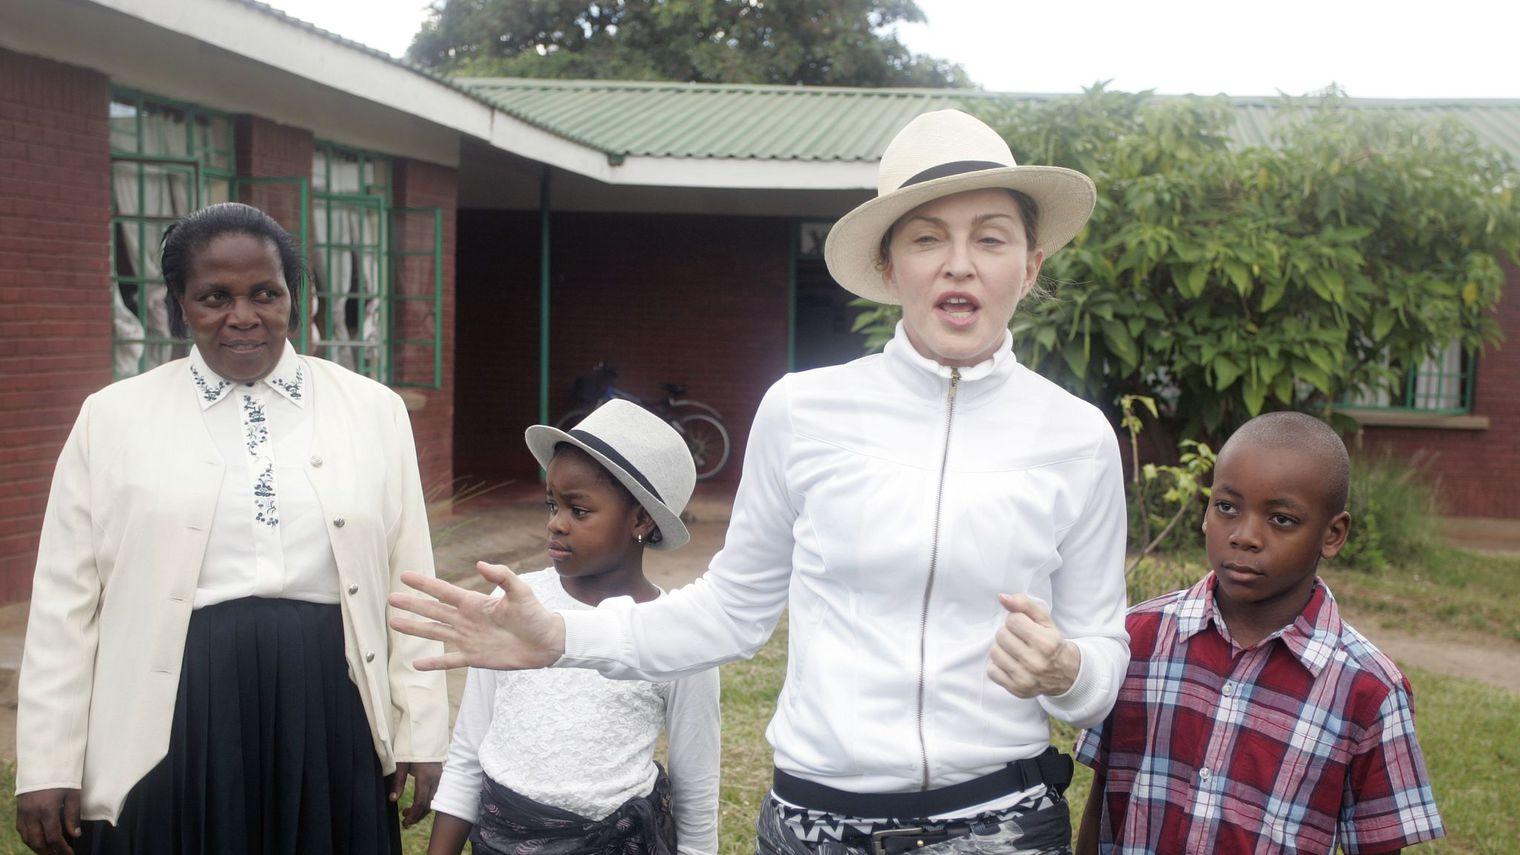 La chanteuse américaine Madonna entourée par ses enfants David (d) et Mercy, le 5 avril 2013 à Namitete au Malawi afp.com - AMOS GUMULIRA